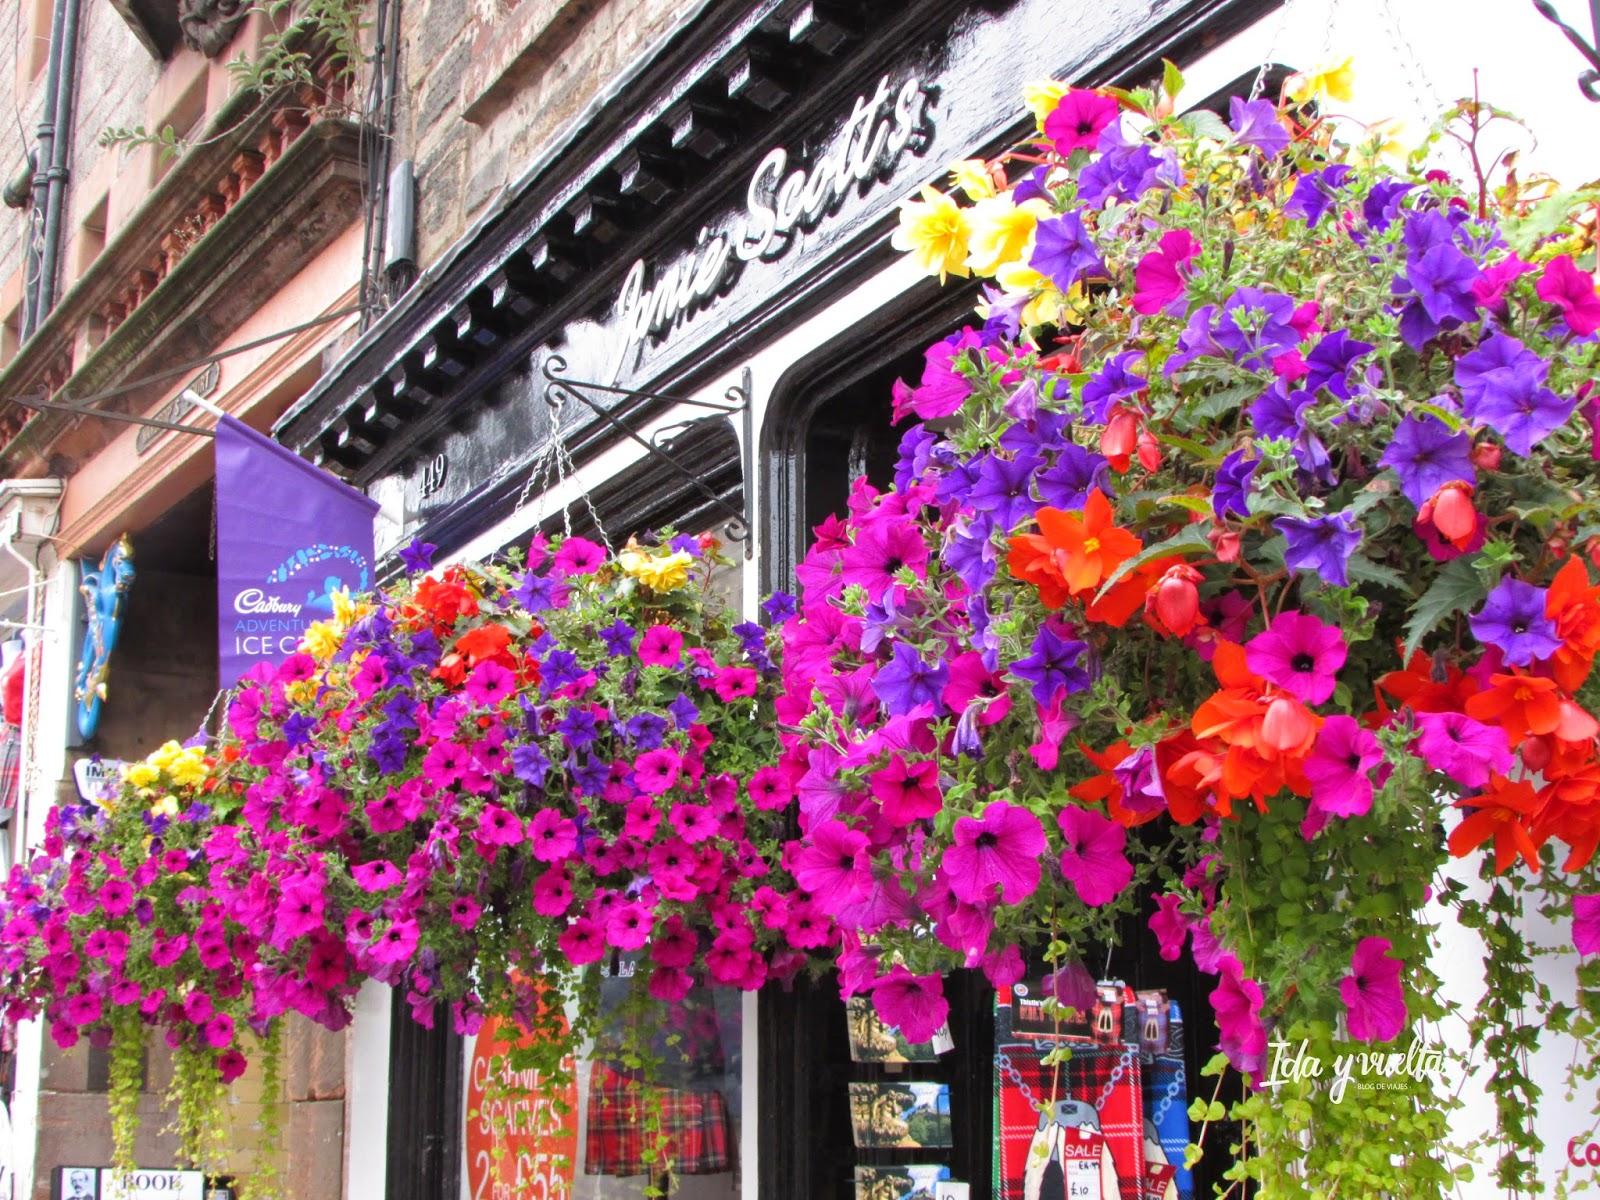 Flores adornando